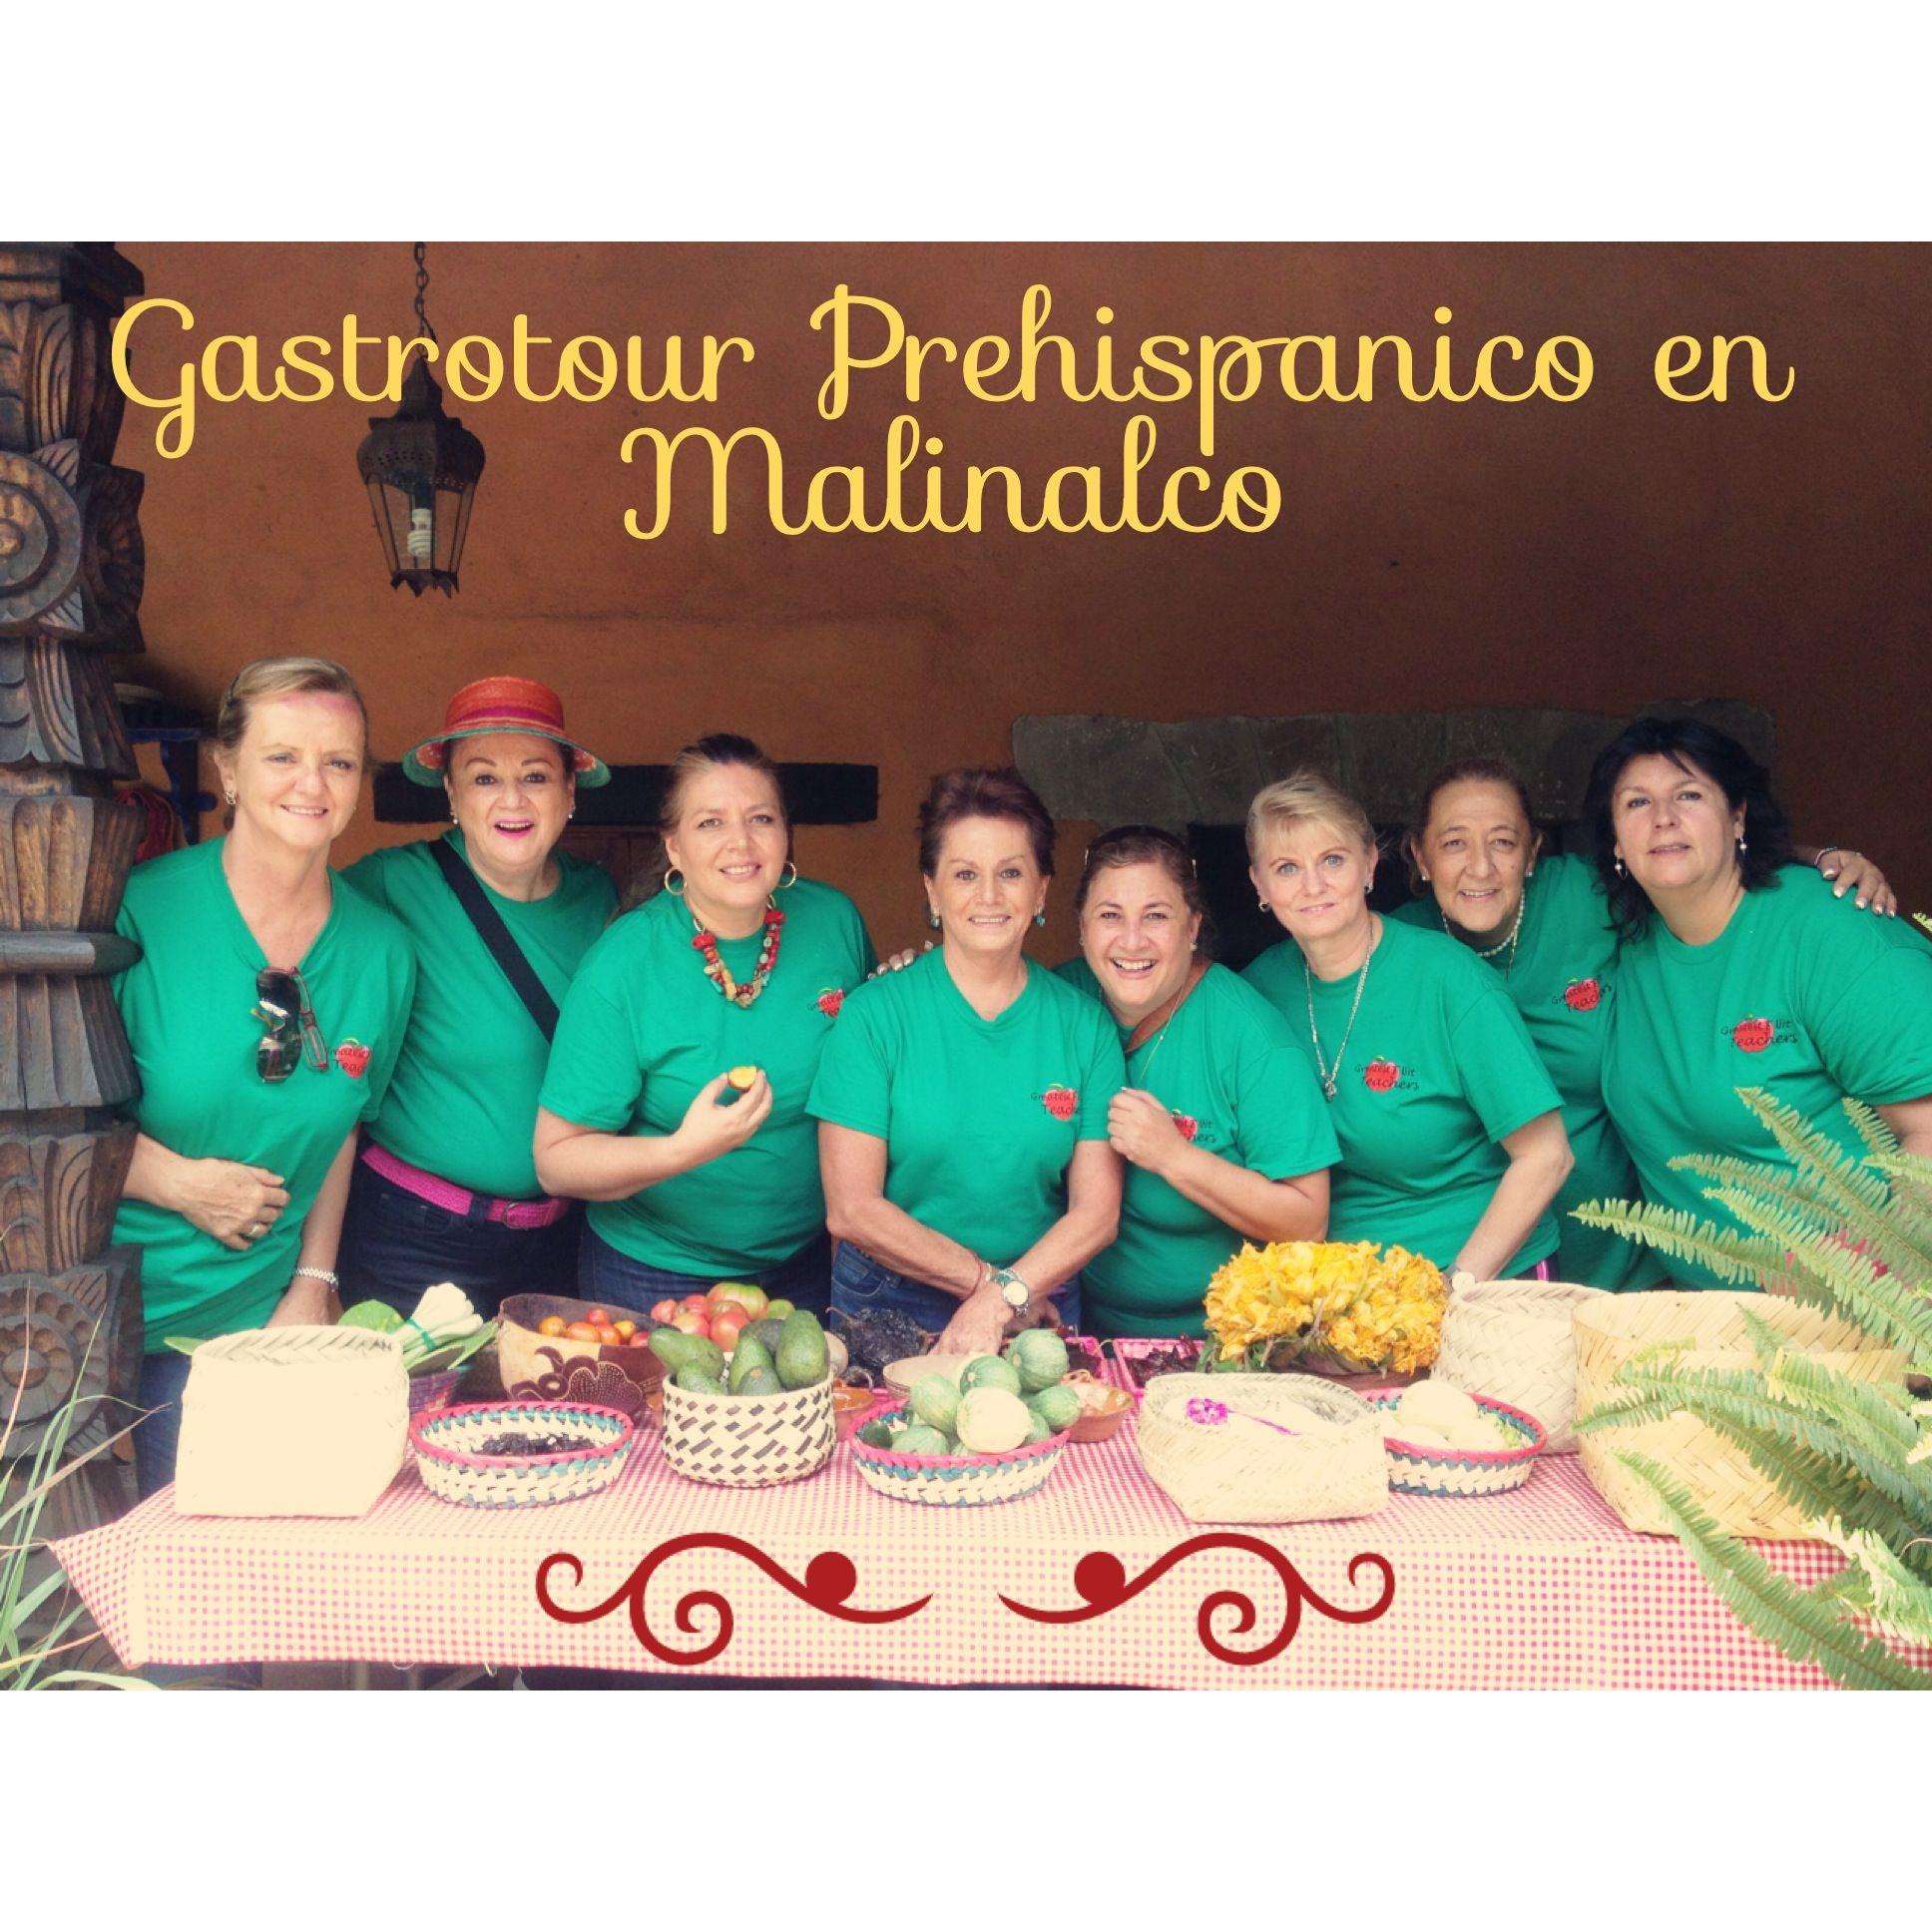 El Gran tour de Gastronomía Prehispánica en México. Una experiencia vivencial atada a la identidad.